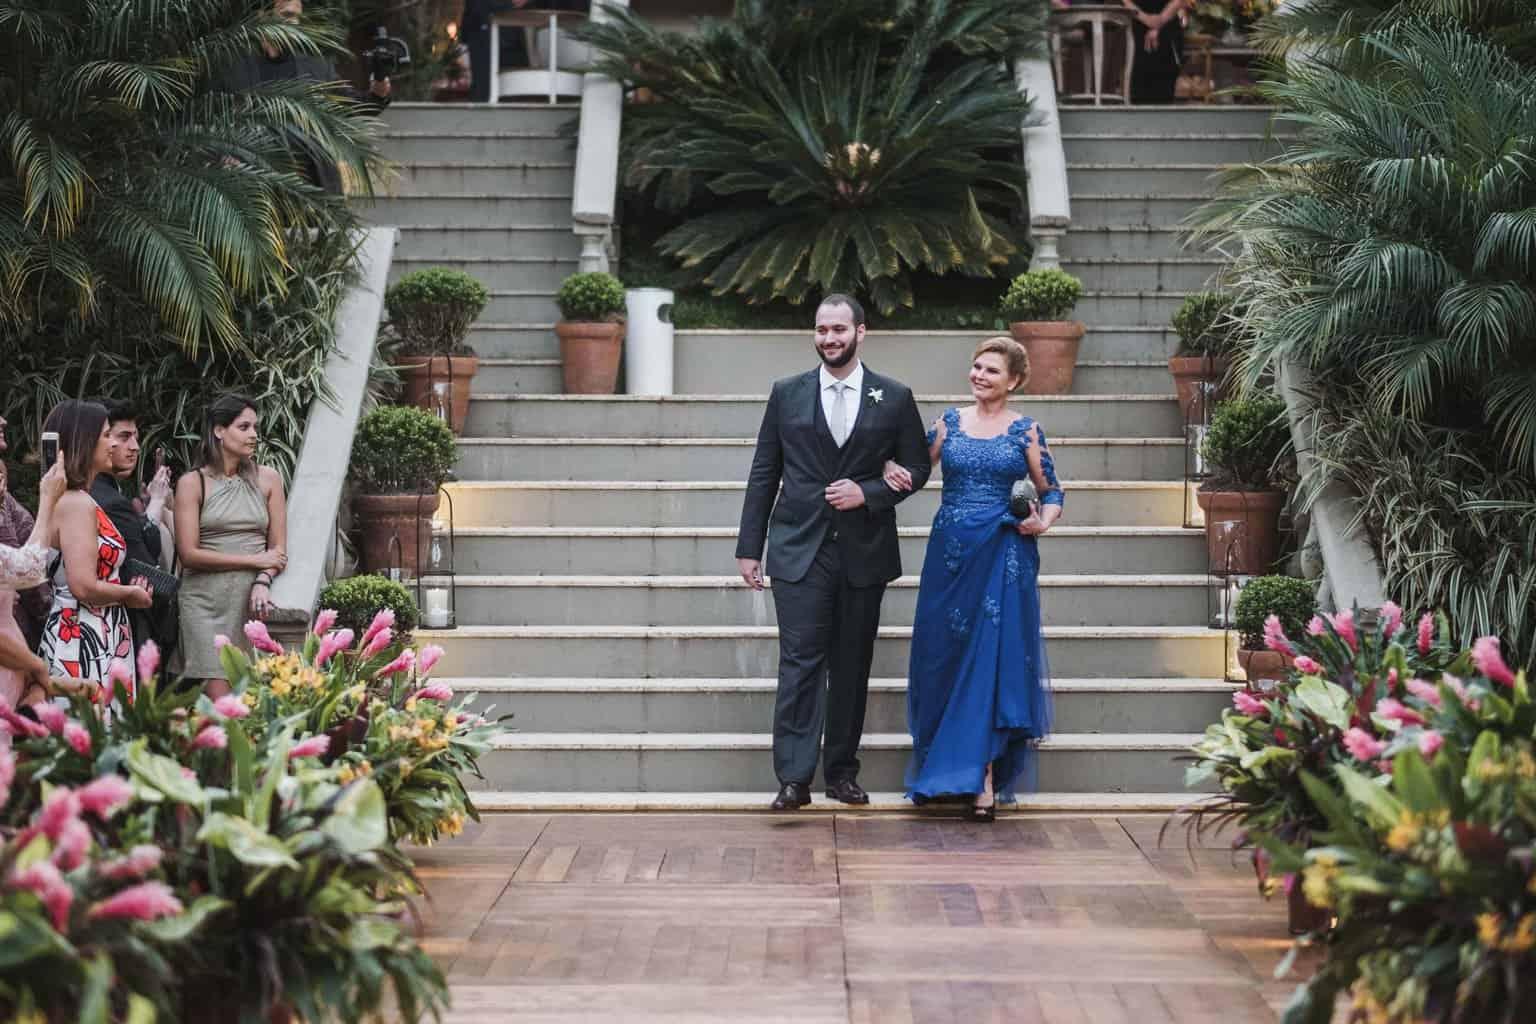 casamento-na-serra-cerimonia-ao-ar-livre-entrada-do-noivo-Fotografia-Renata-Xavier-Les-Amies-Cerimonial-Locanda-Della-Mimosa-Natalia-e-Bruno340